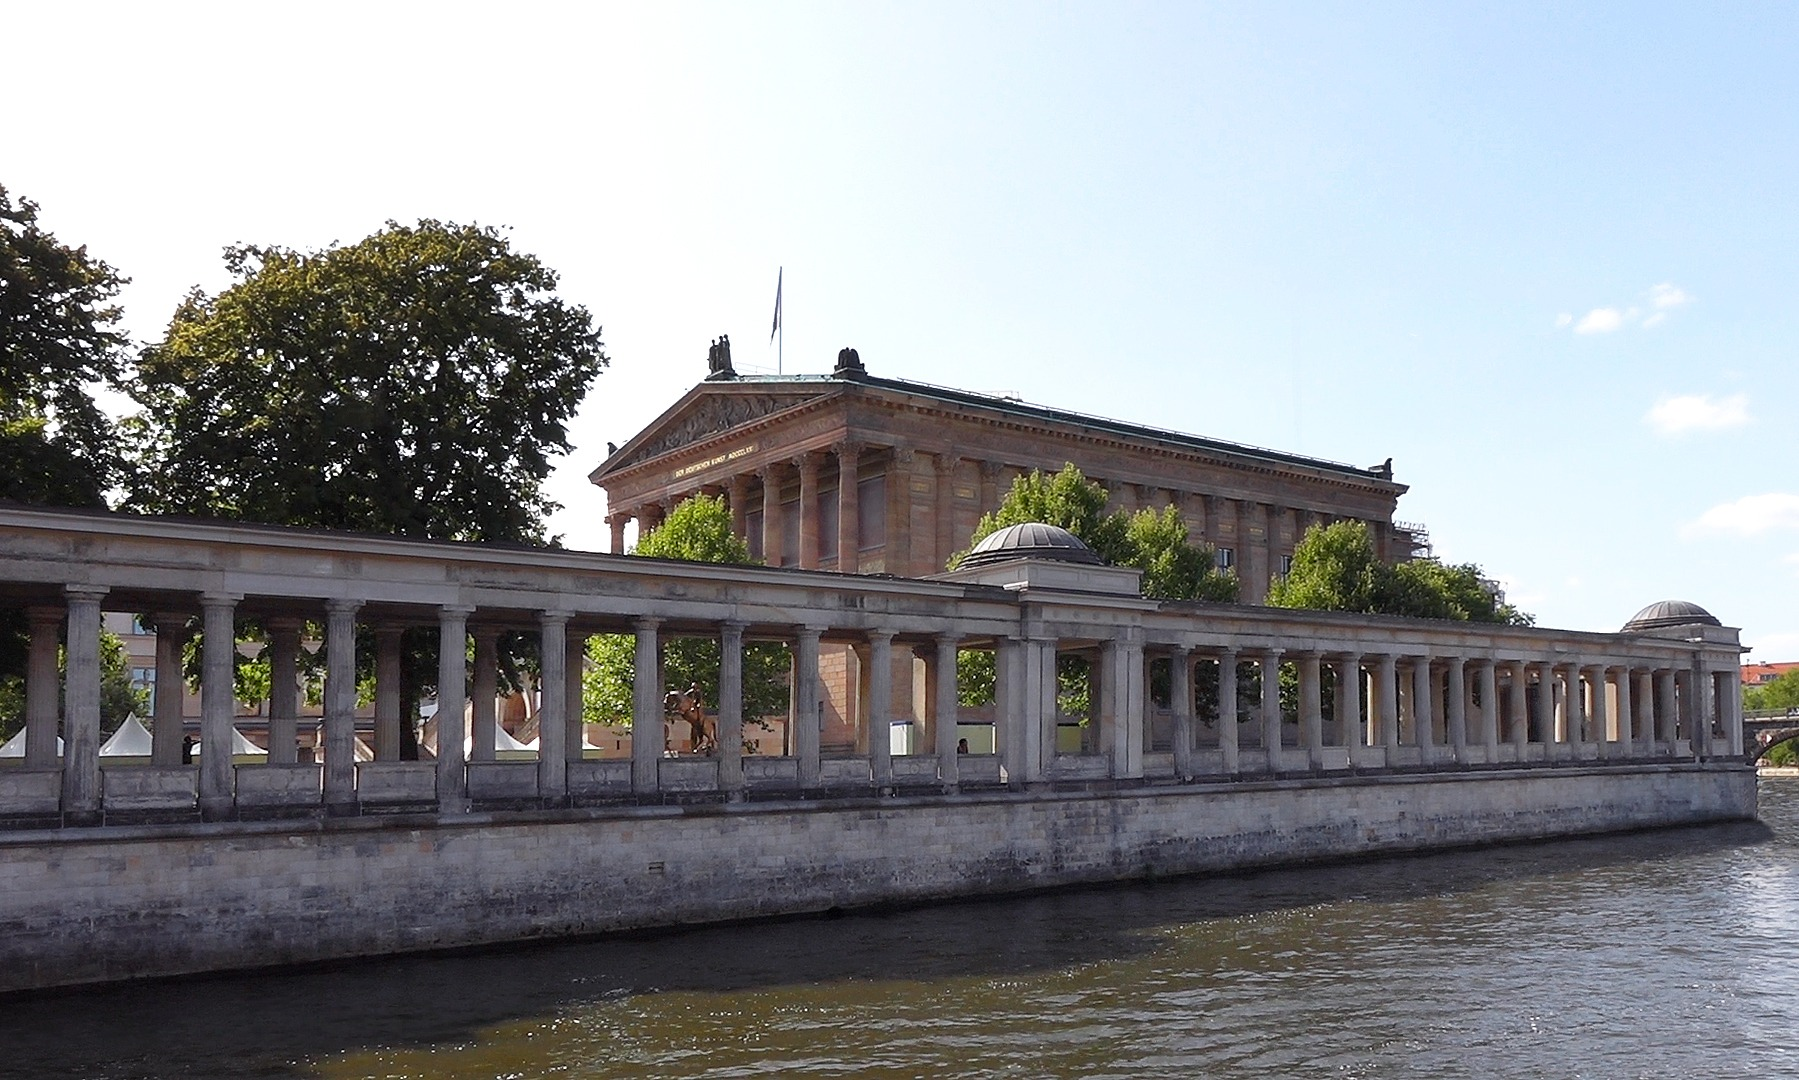 Dampferfahrt Berlin - Alte Nationalgalerie